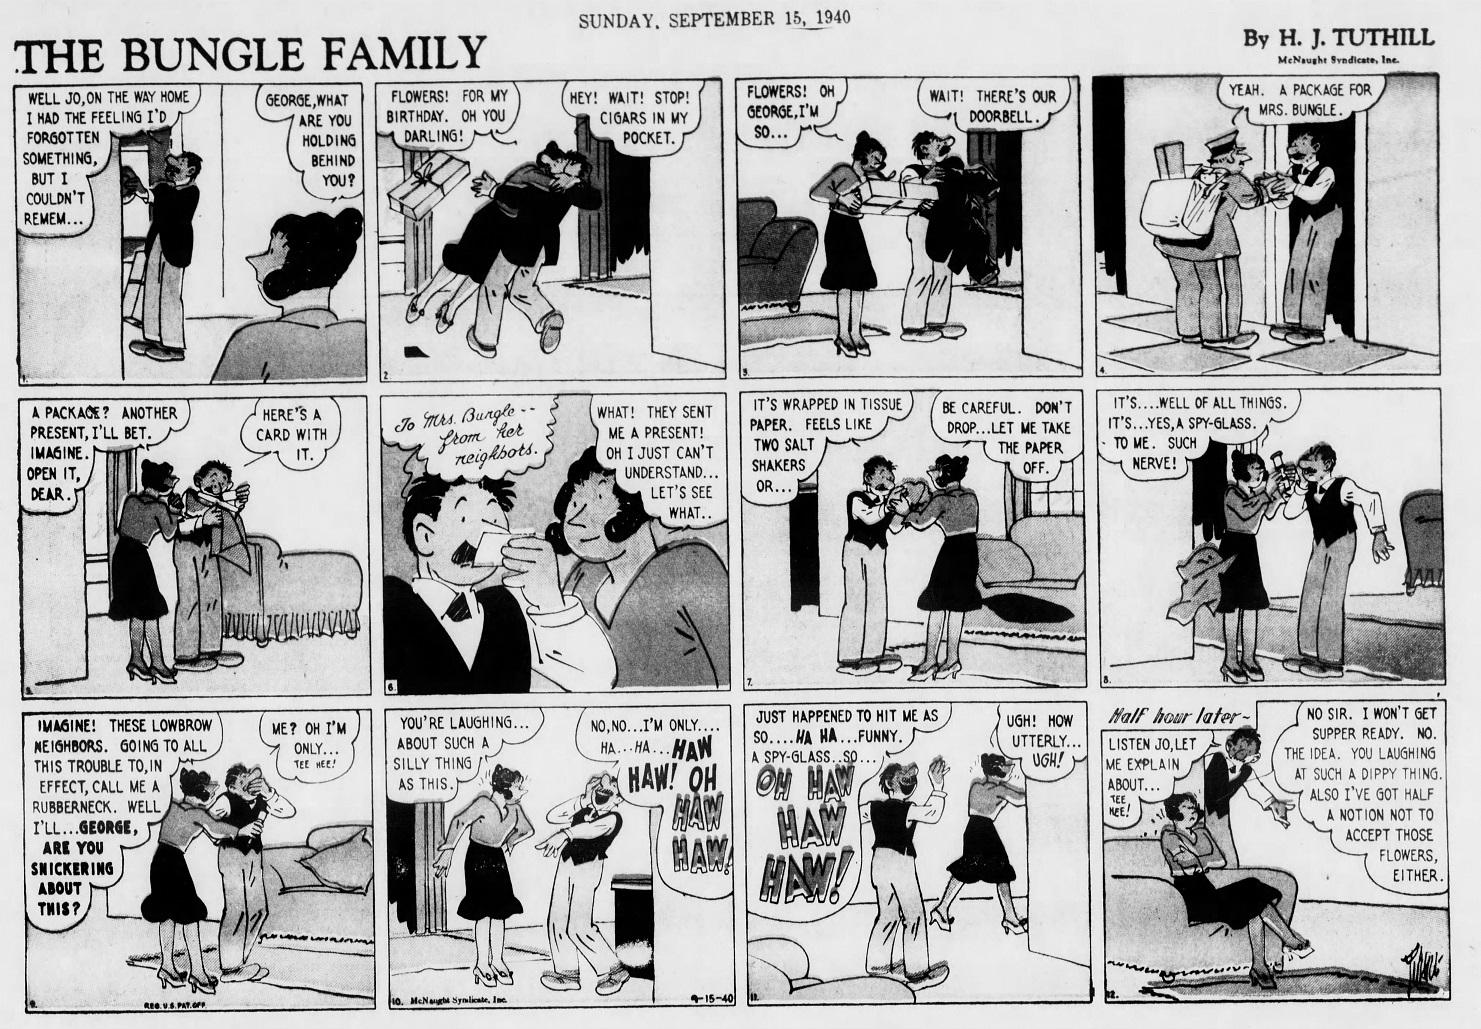 The_Brooklyn_Daily_Eagle_Sun__Sep_15__1940_(7).jpg